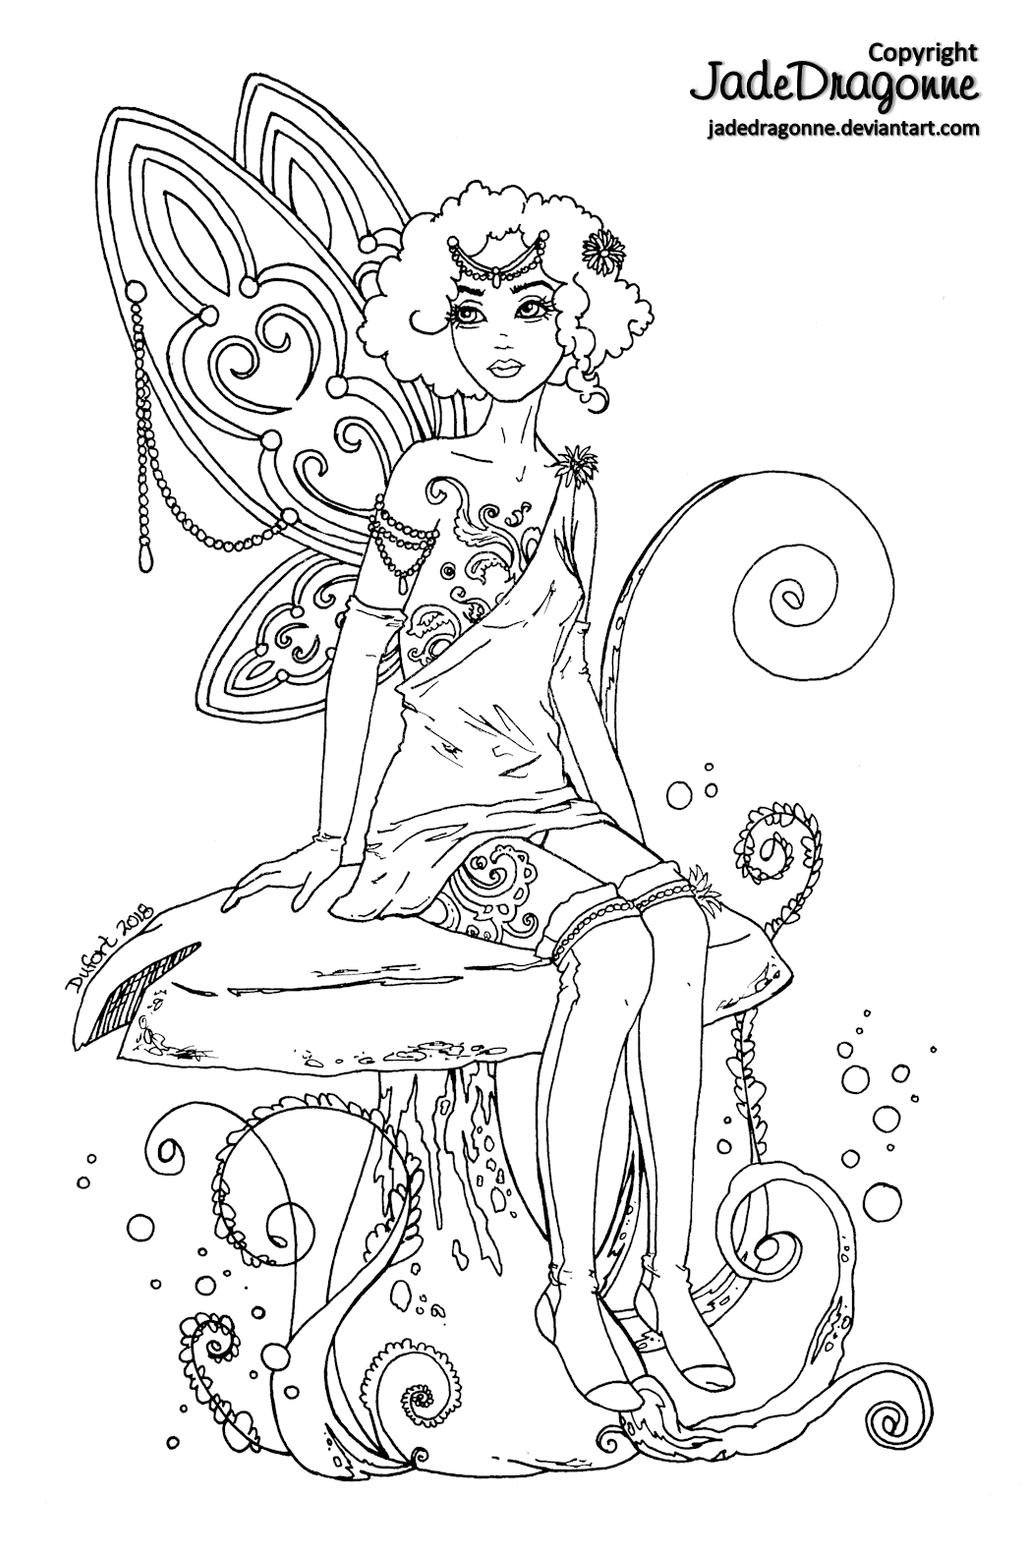 Fairy - Lineart by JadeDragonne